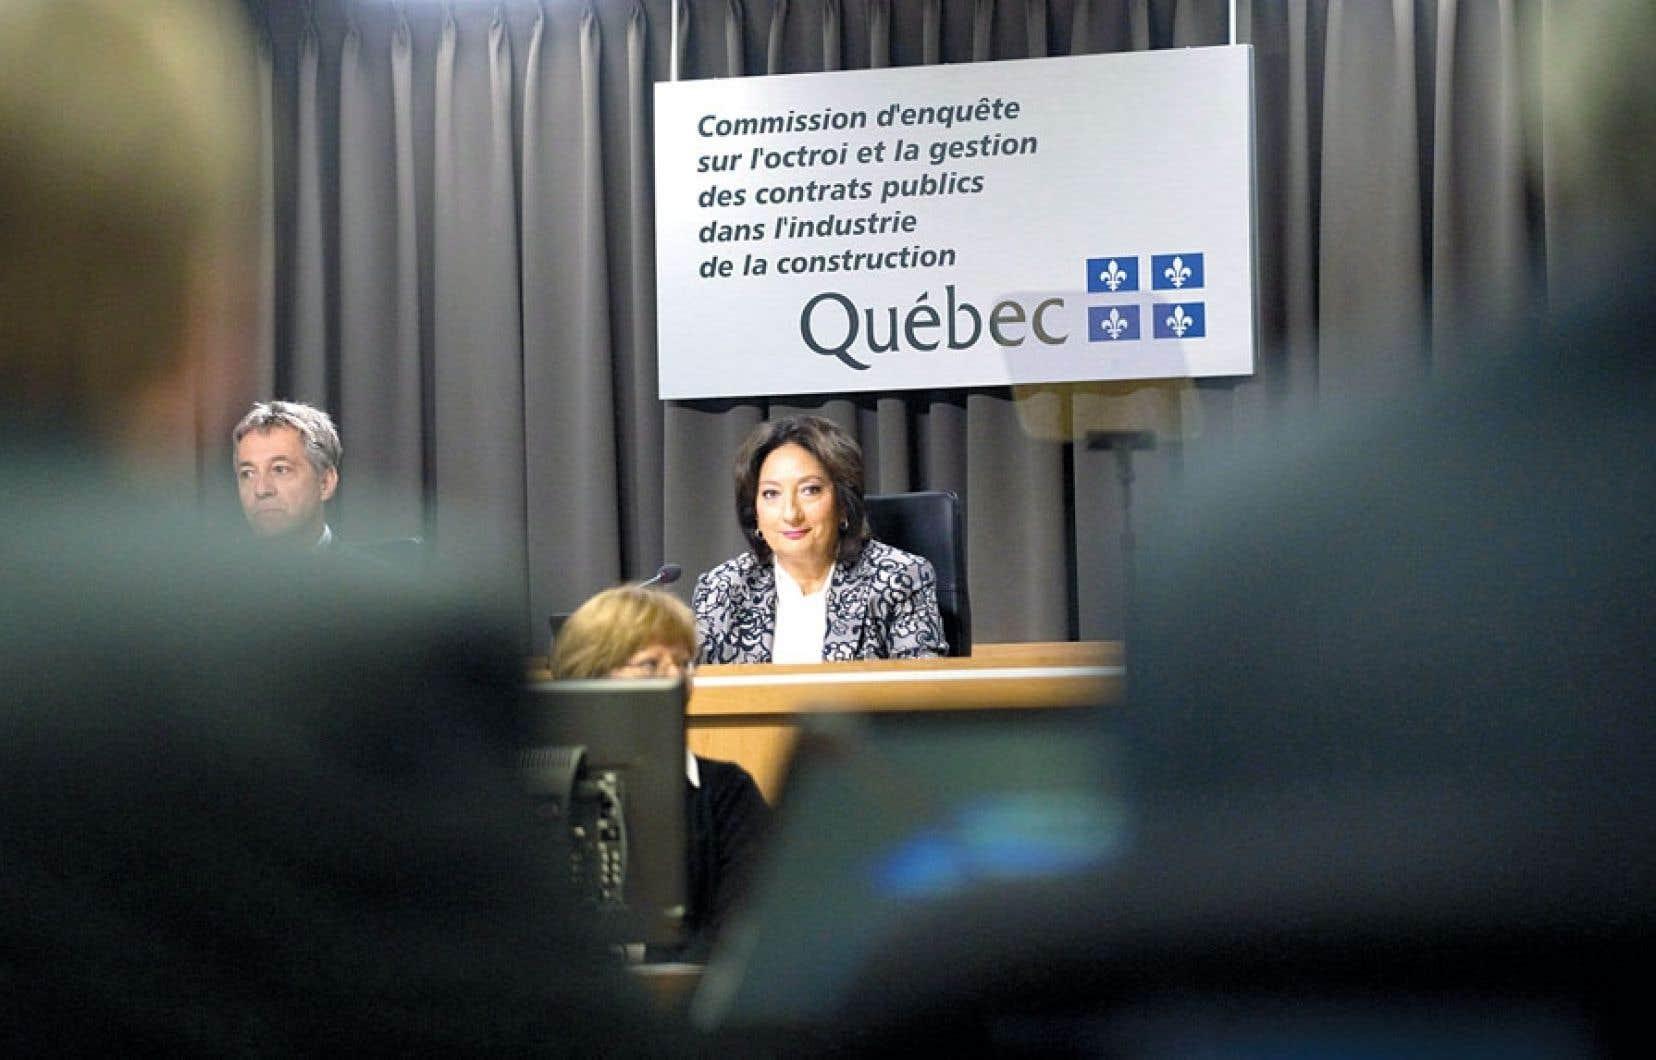 La juge France Charbonneau préside la Commission d'enquête sur l'octroi et la gestion des contrats publics dans l'industrie de la construction.